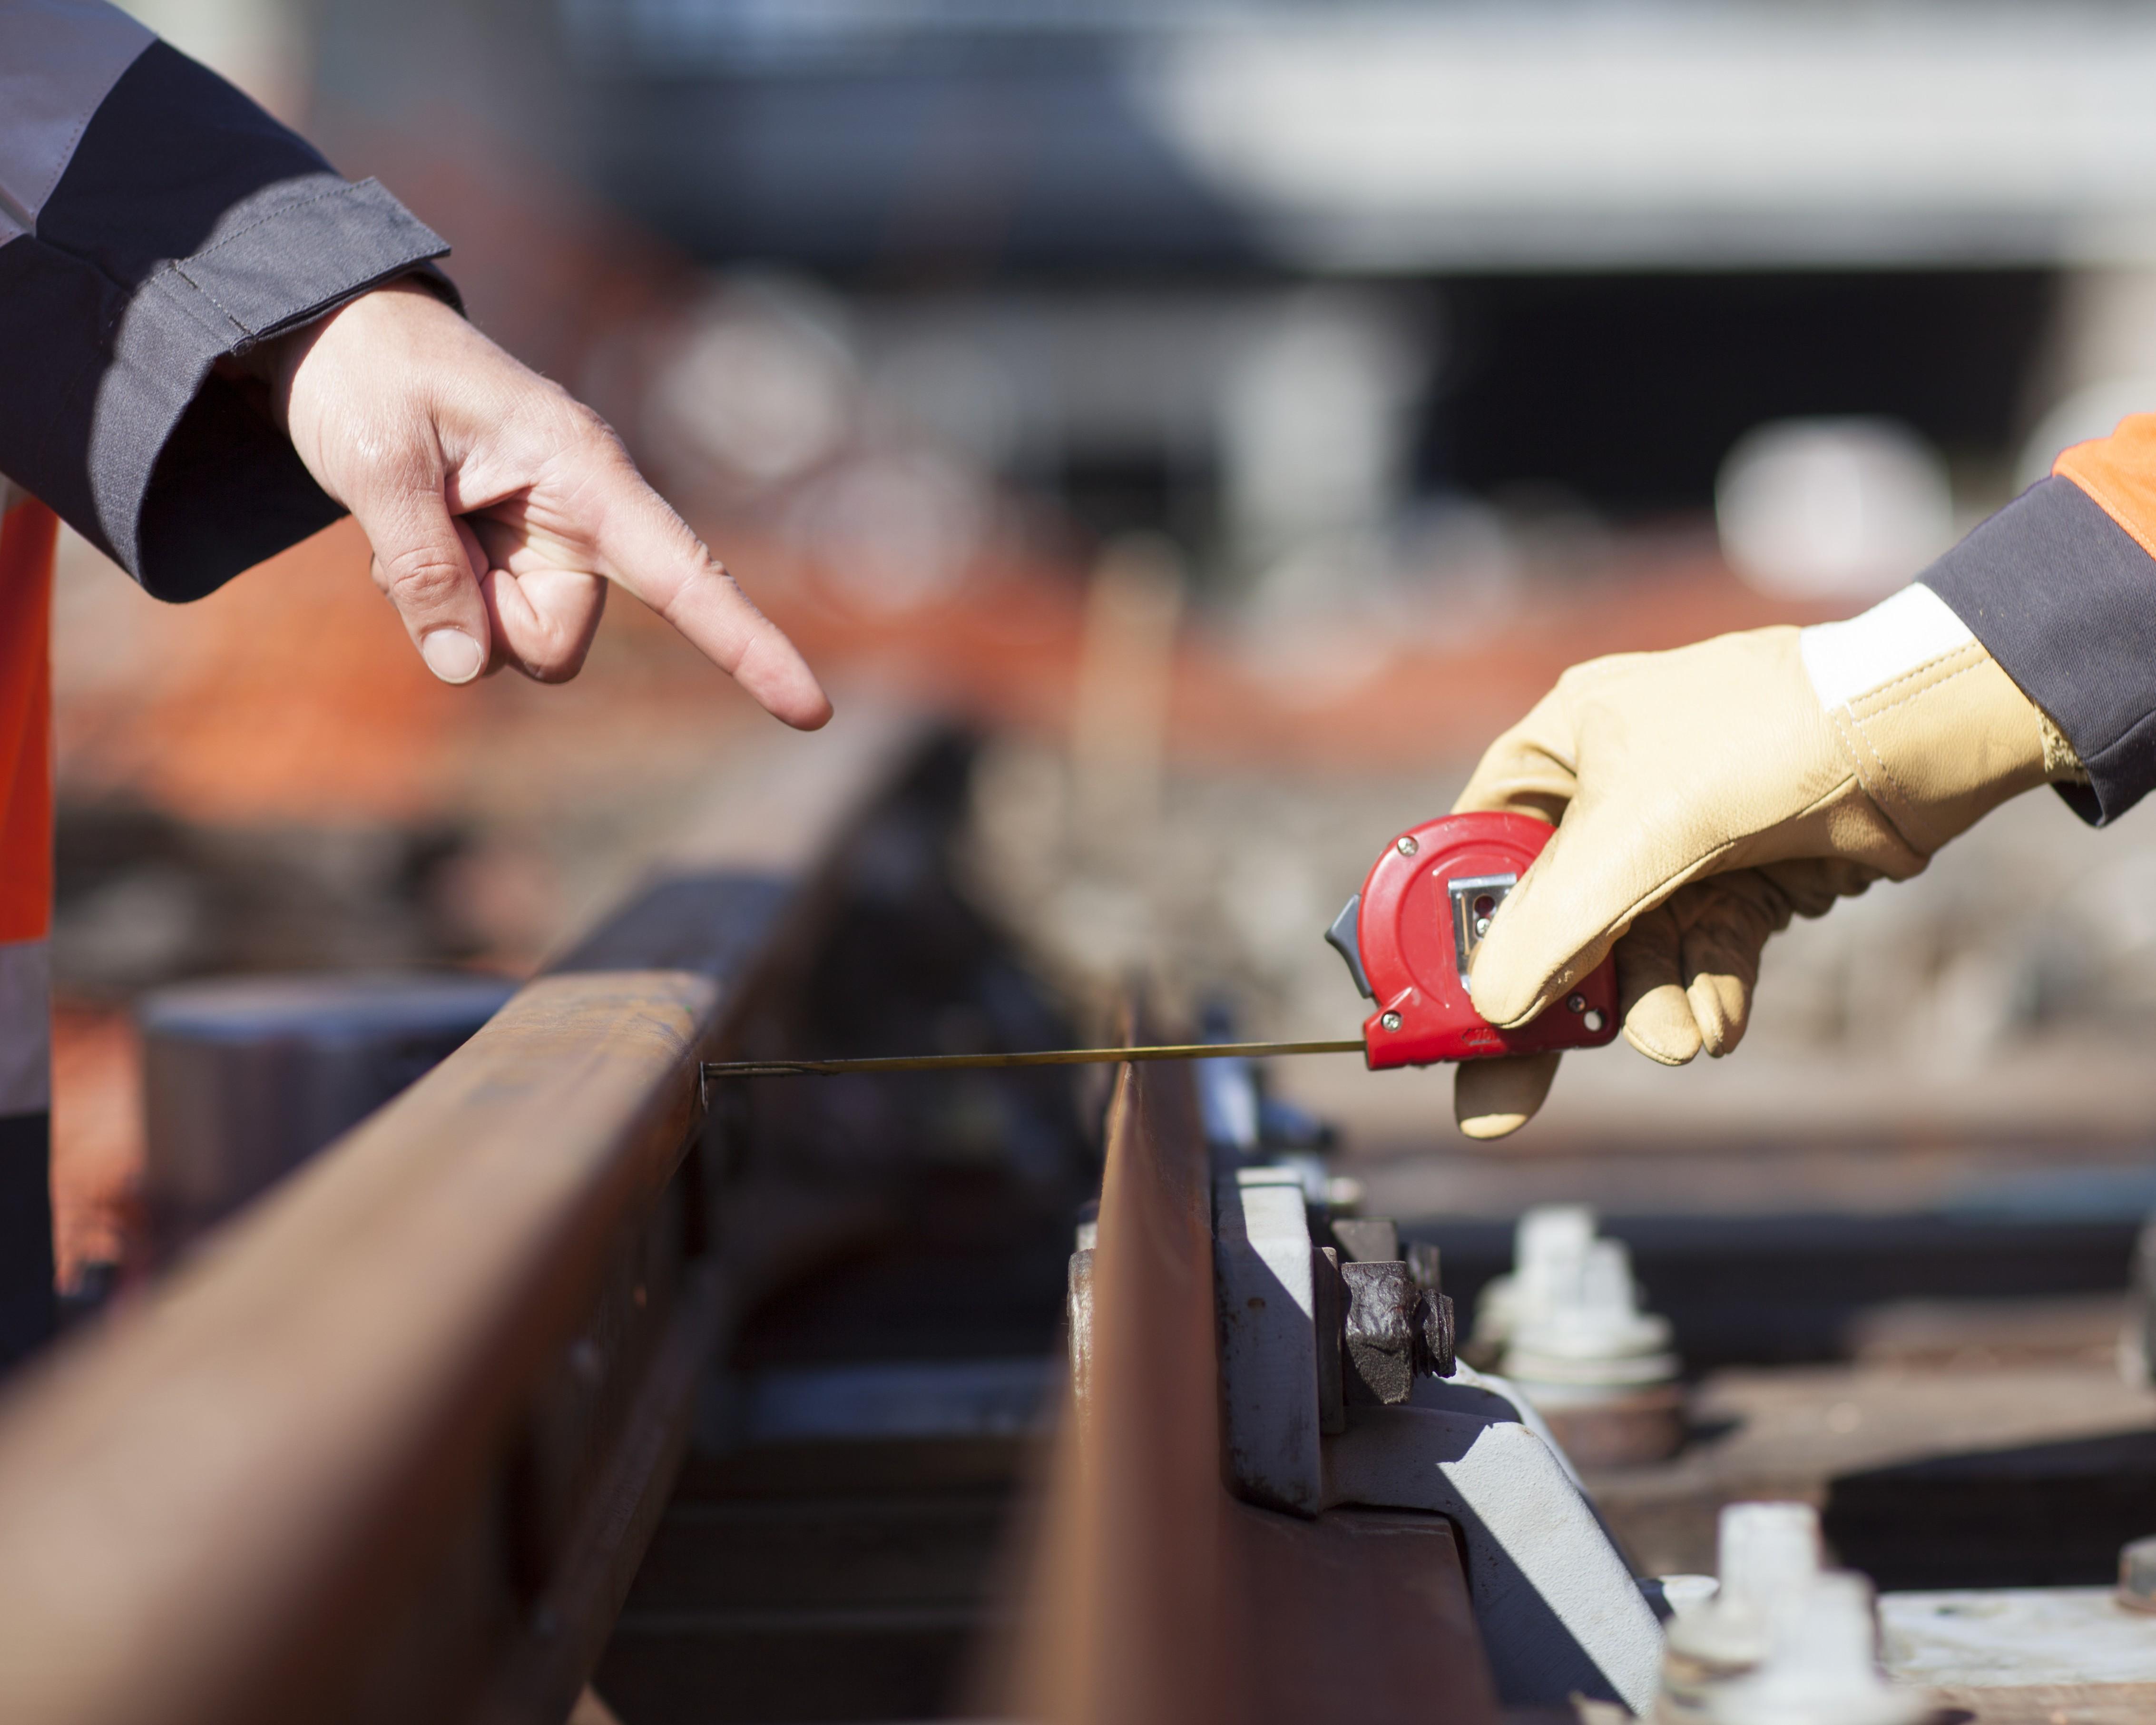 Des responsabilités : vous êtes garant de la sécurité des équipements du réseau ferroviaire… et donc de celle des voyageurs.